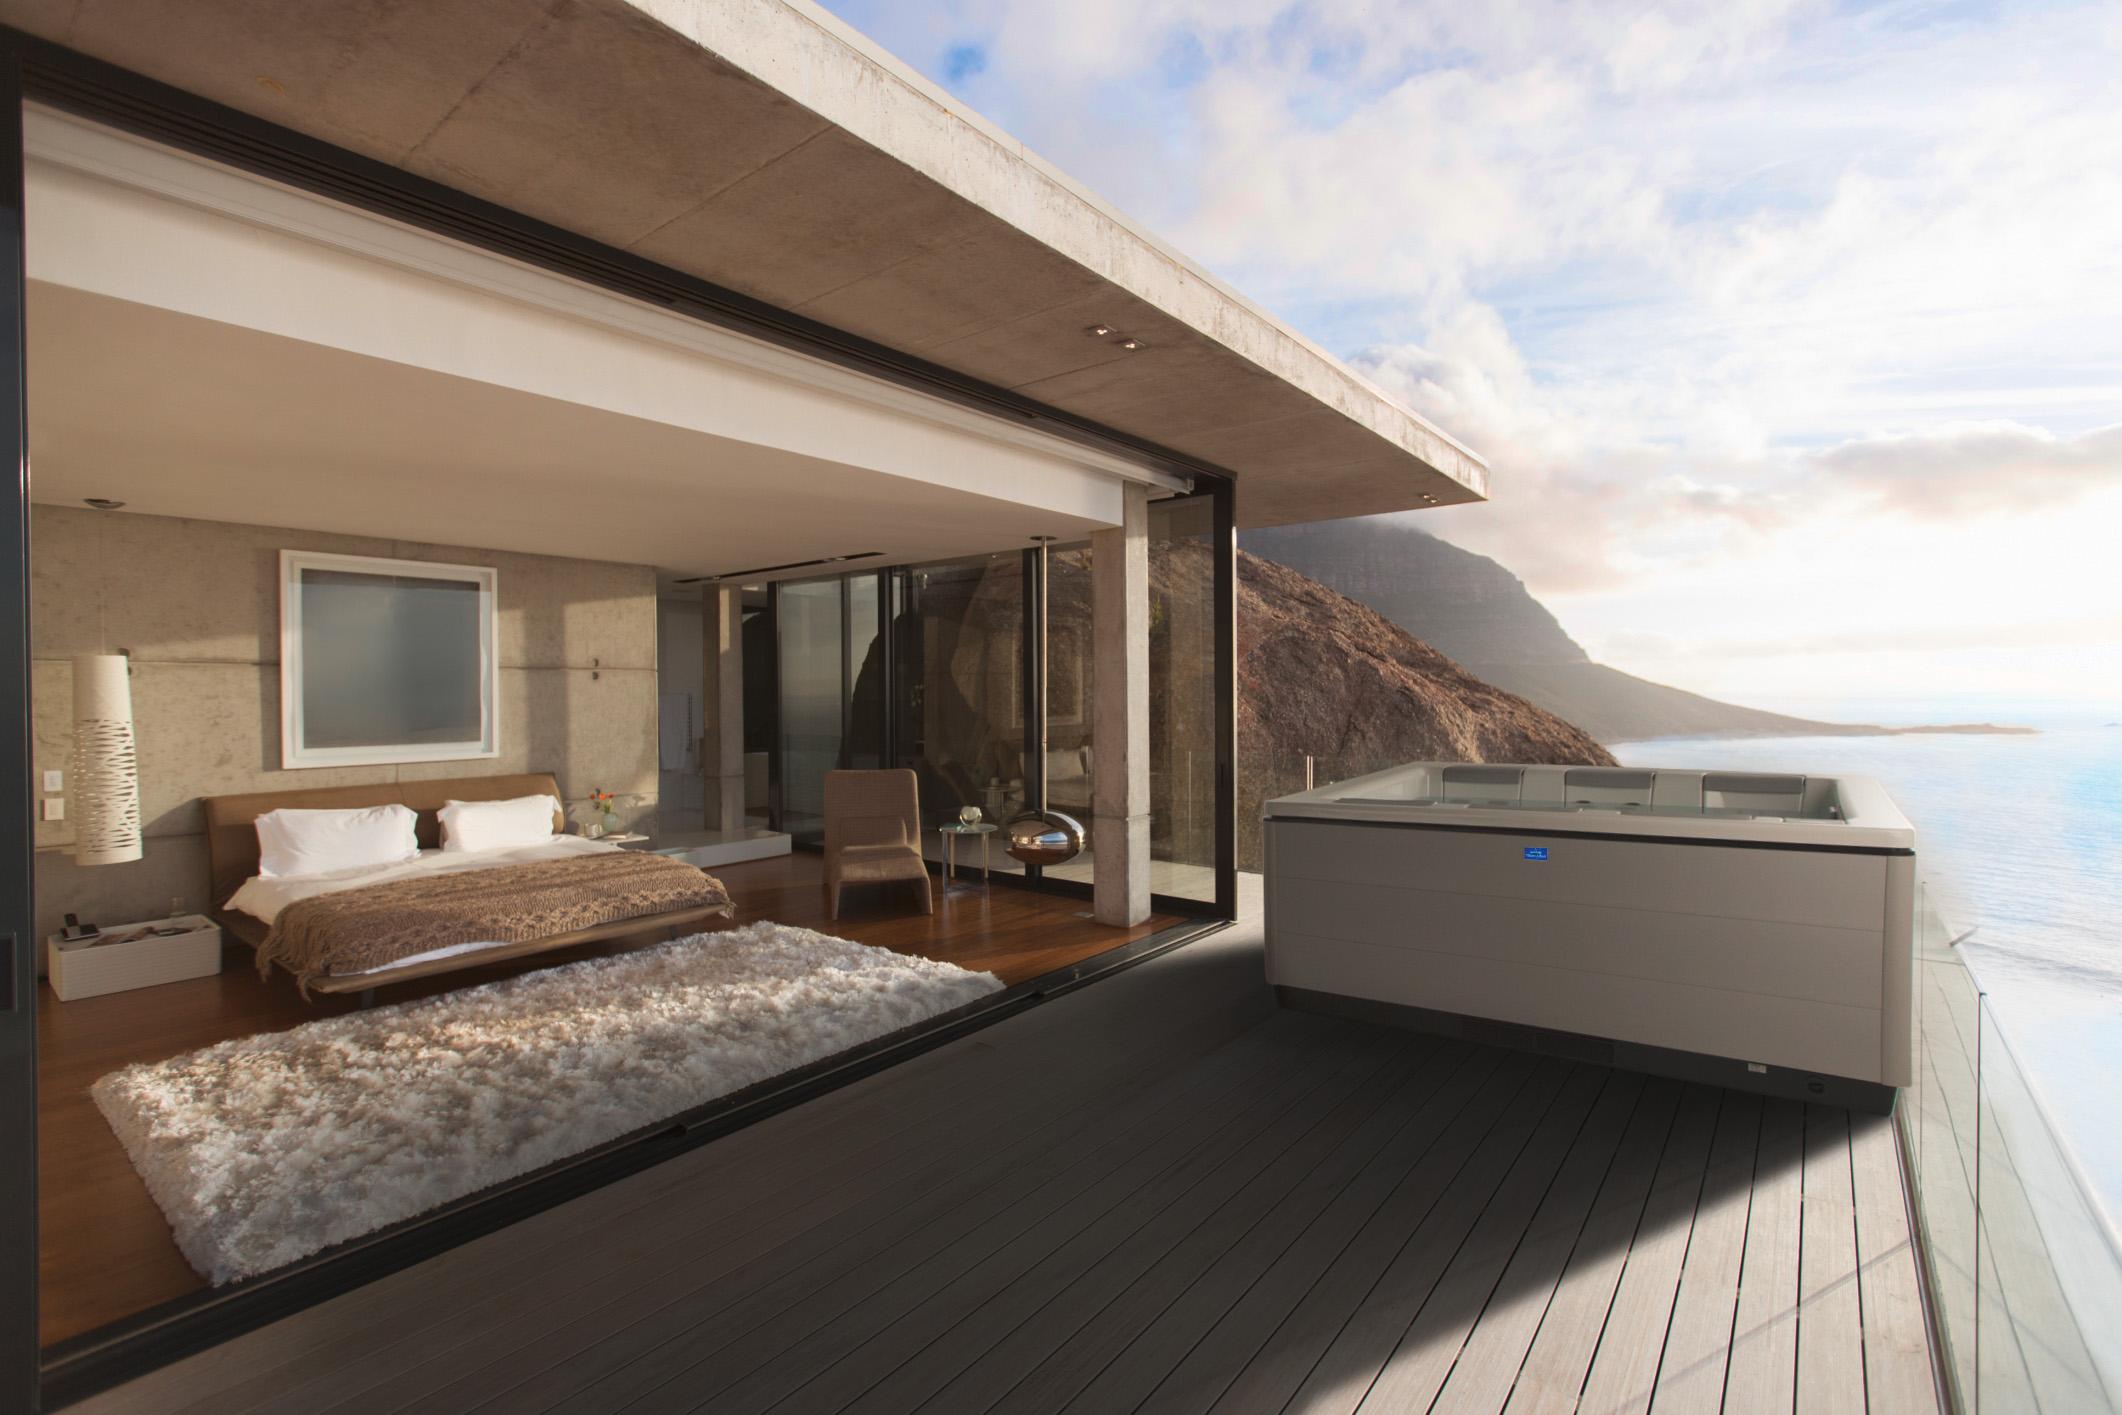 Outdoor luxury met de whirlpools van villeroy & boch   nieuws ...